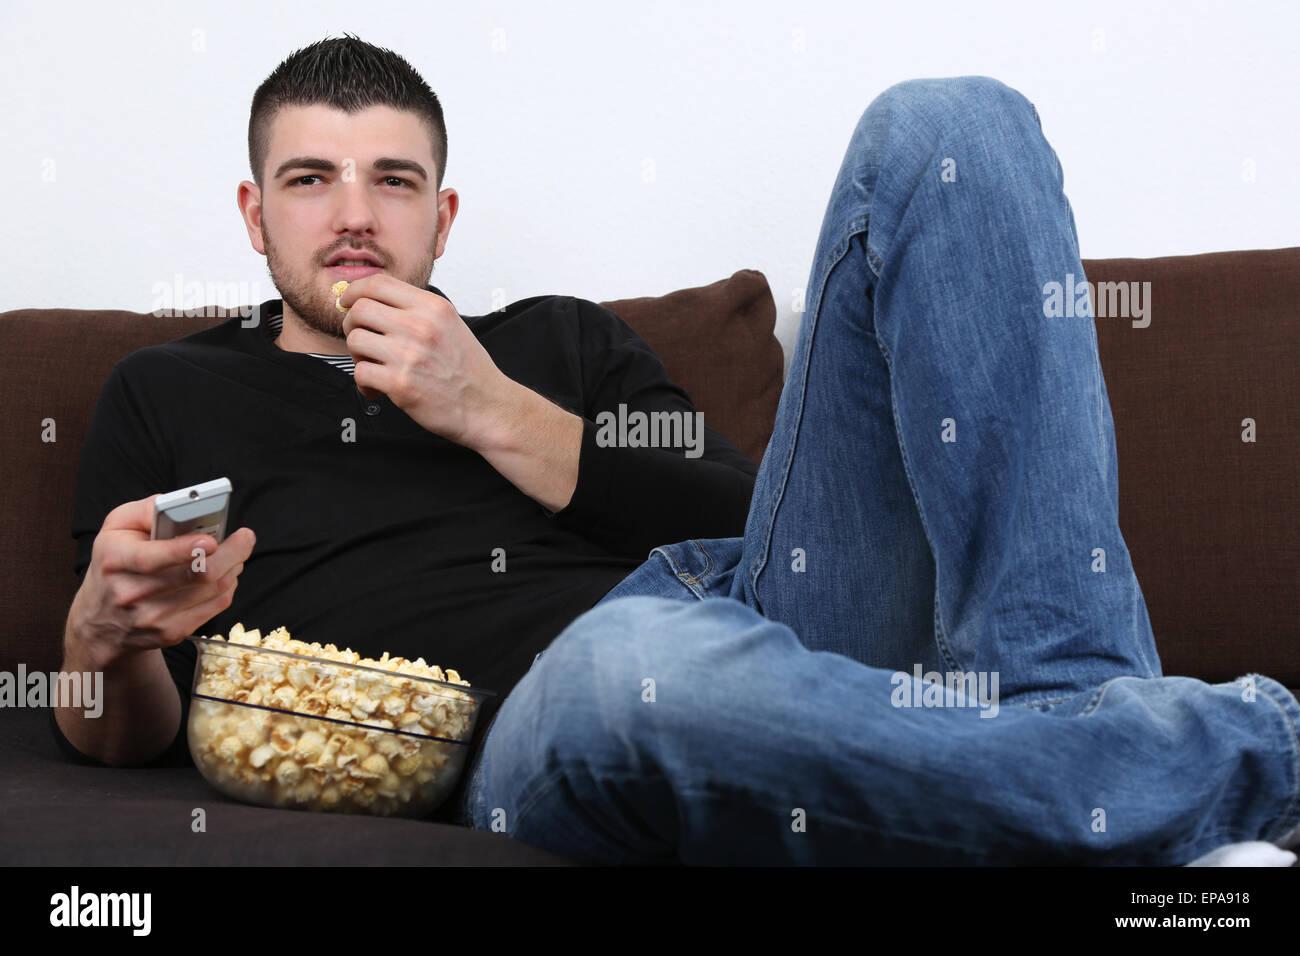 Junger Mann schaut fernsehen und isst Pipoca Imagens de Stock